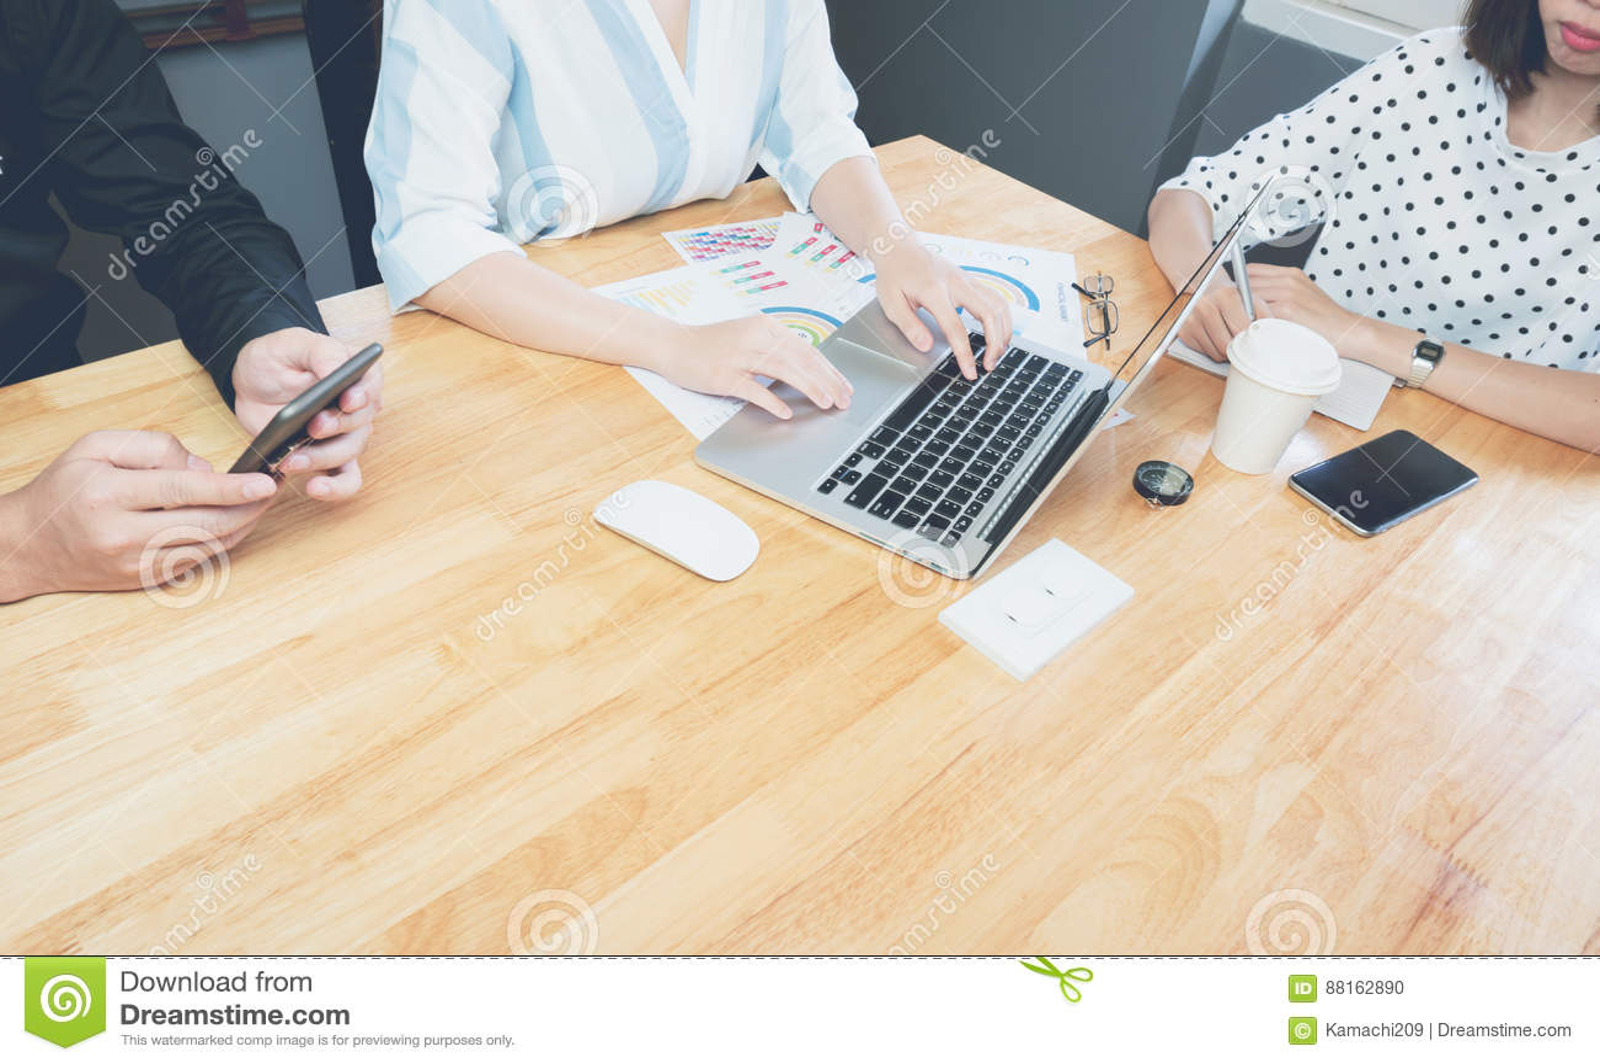 Tavolo Di Ufficio : Donna di affari che si consulta al tavolo di riunione nell ufficio